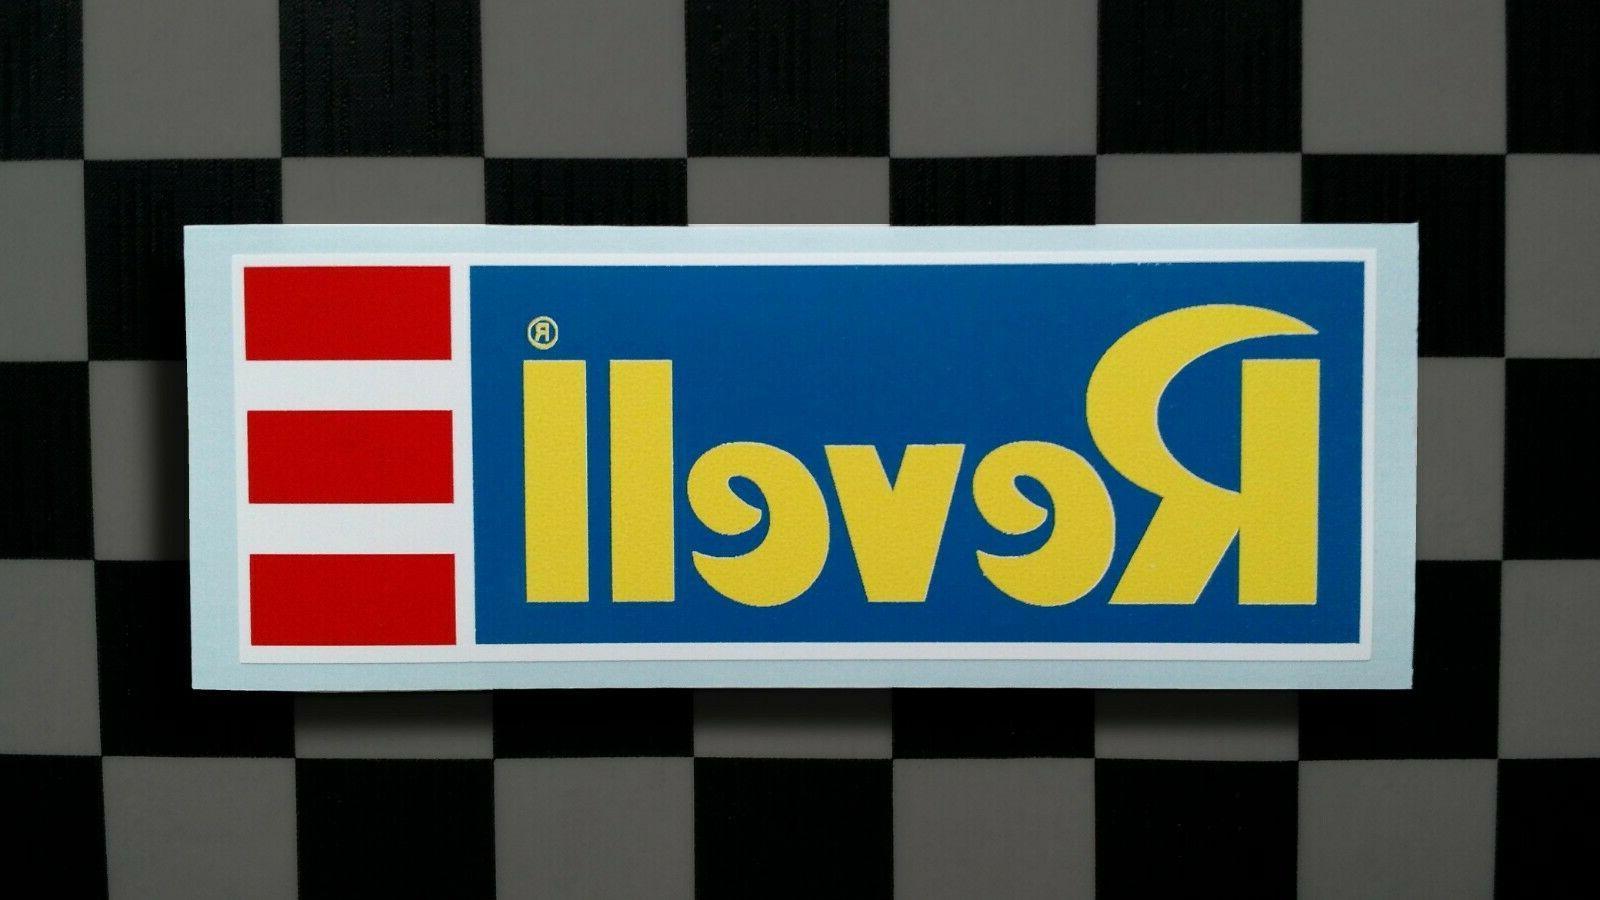 vintage style model kit manufacturer sticker decal